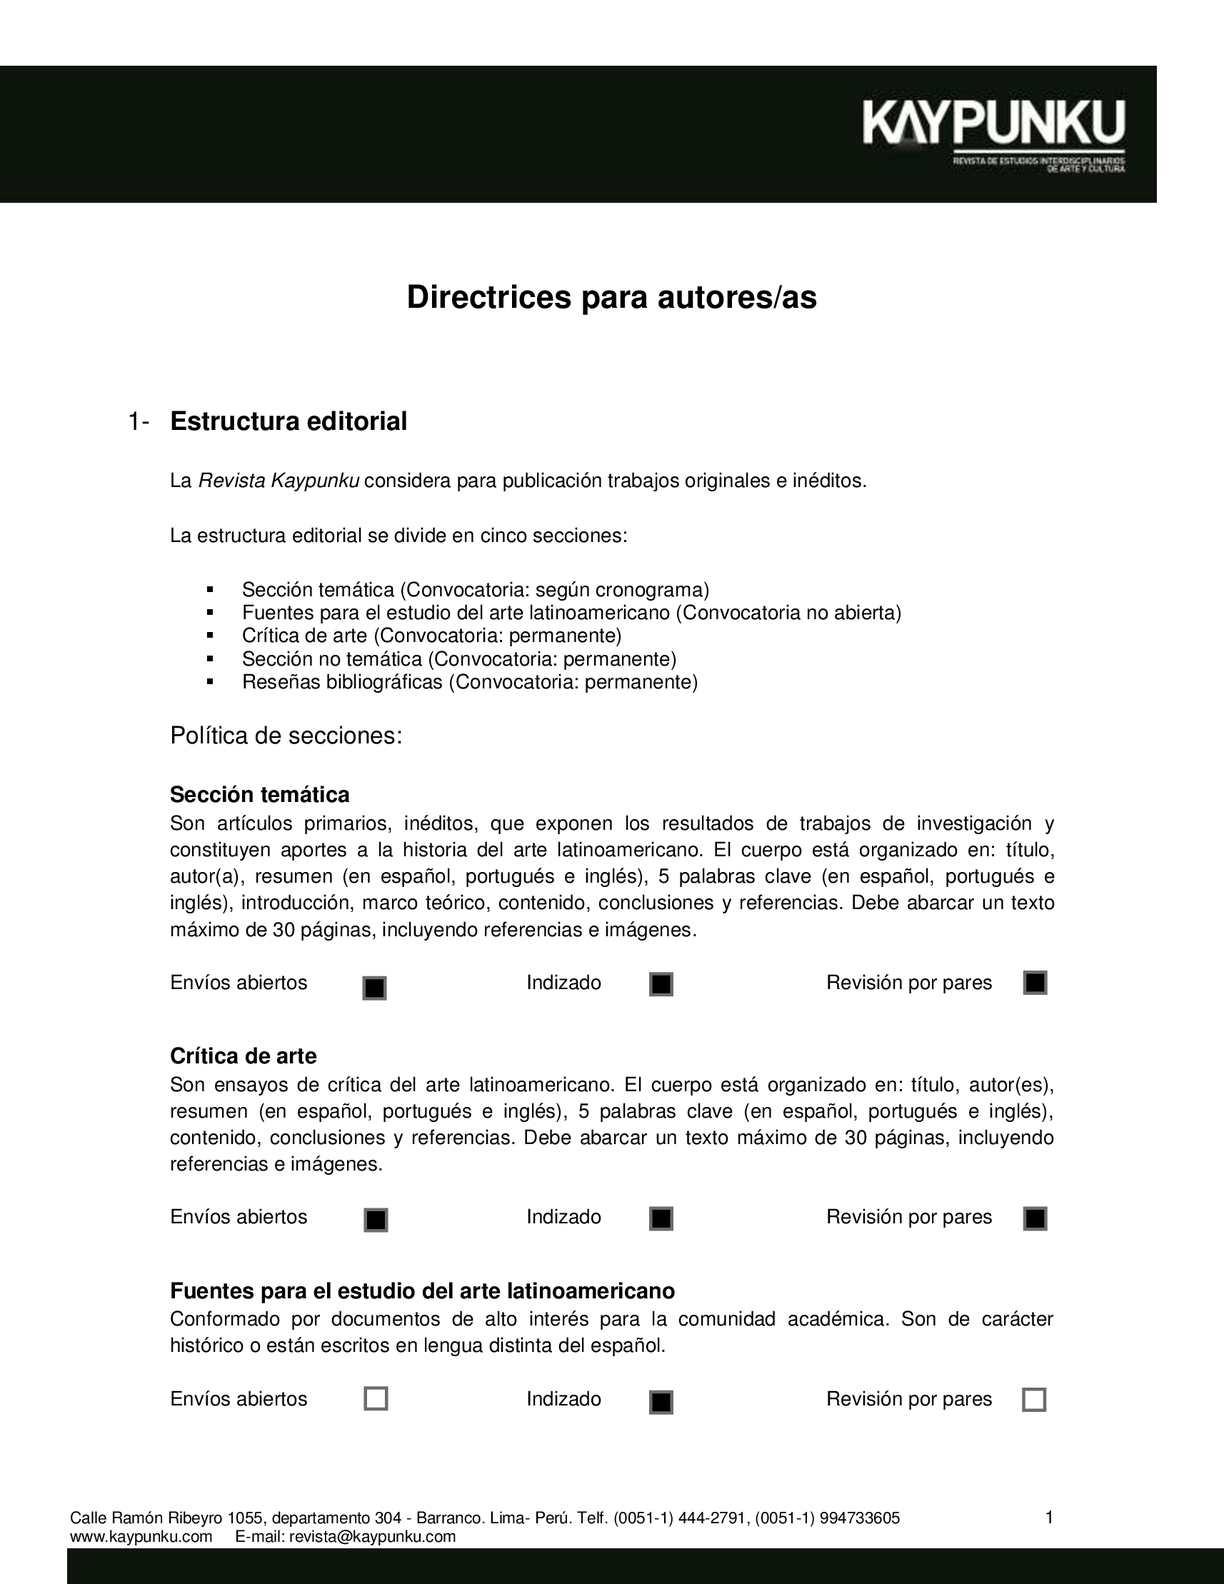 Calaméo - Directrices para autores/as. Revista Kaypunku